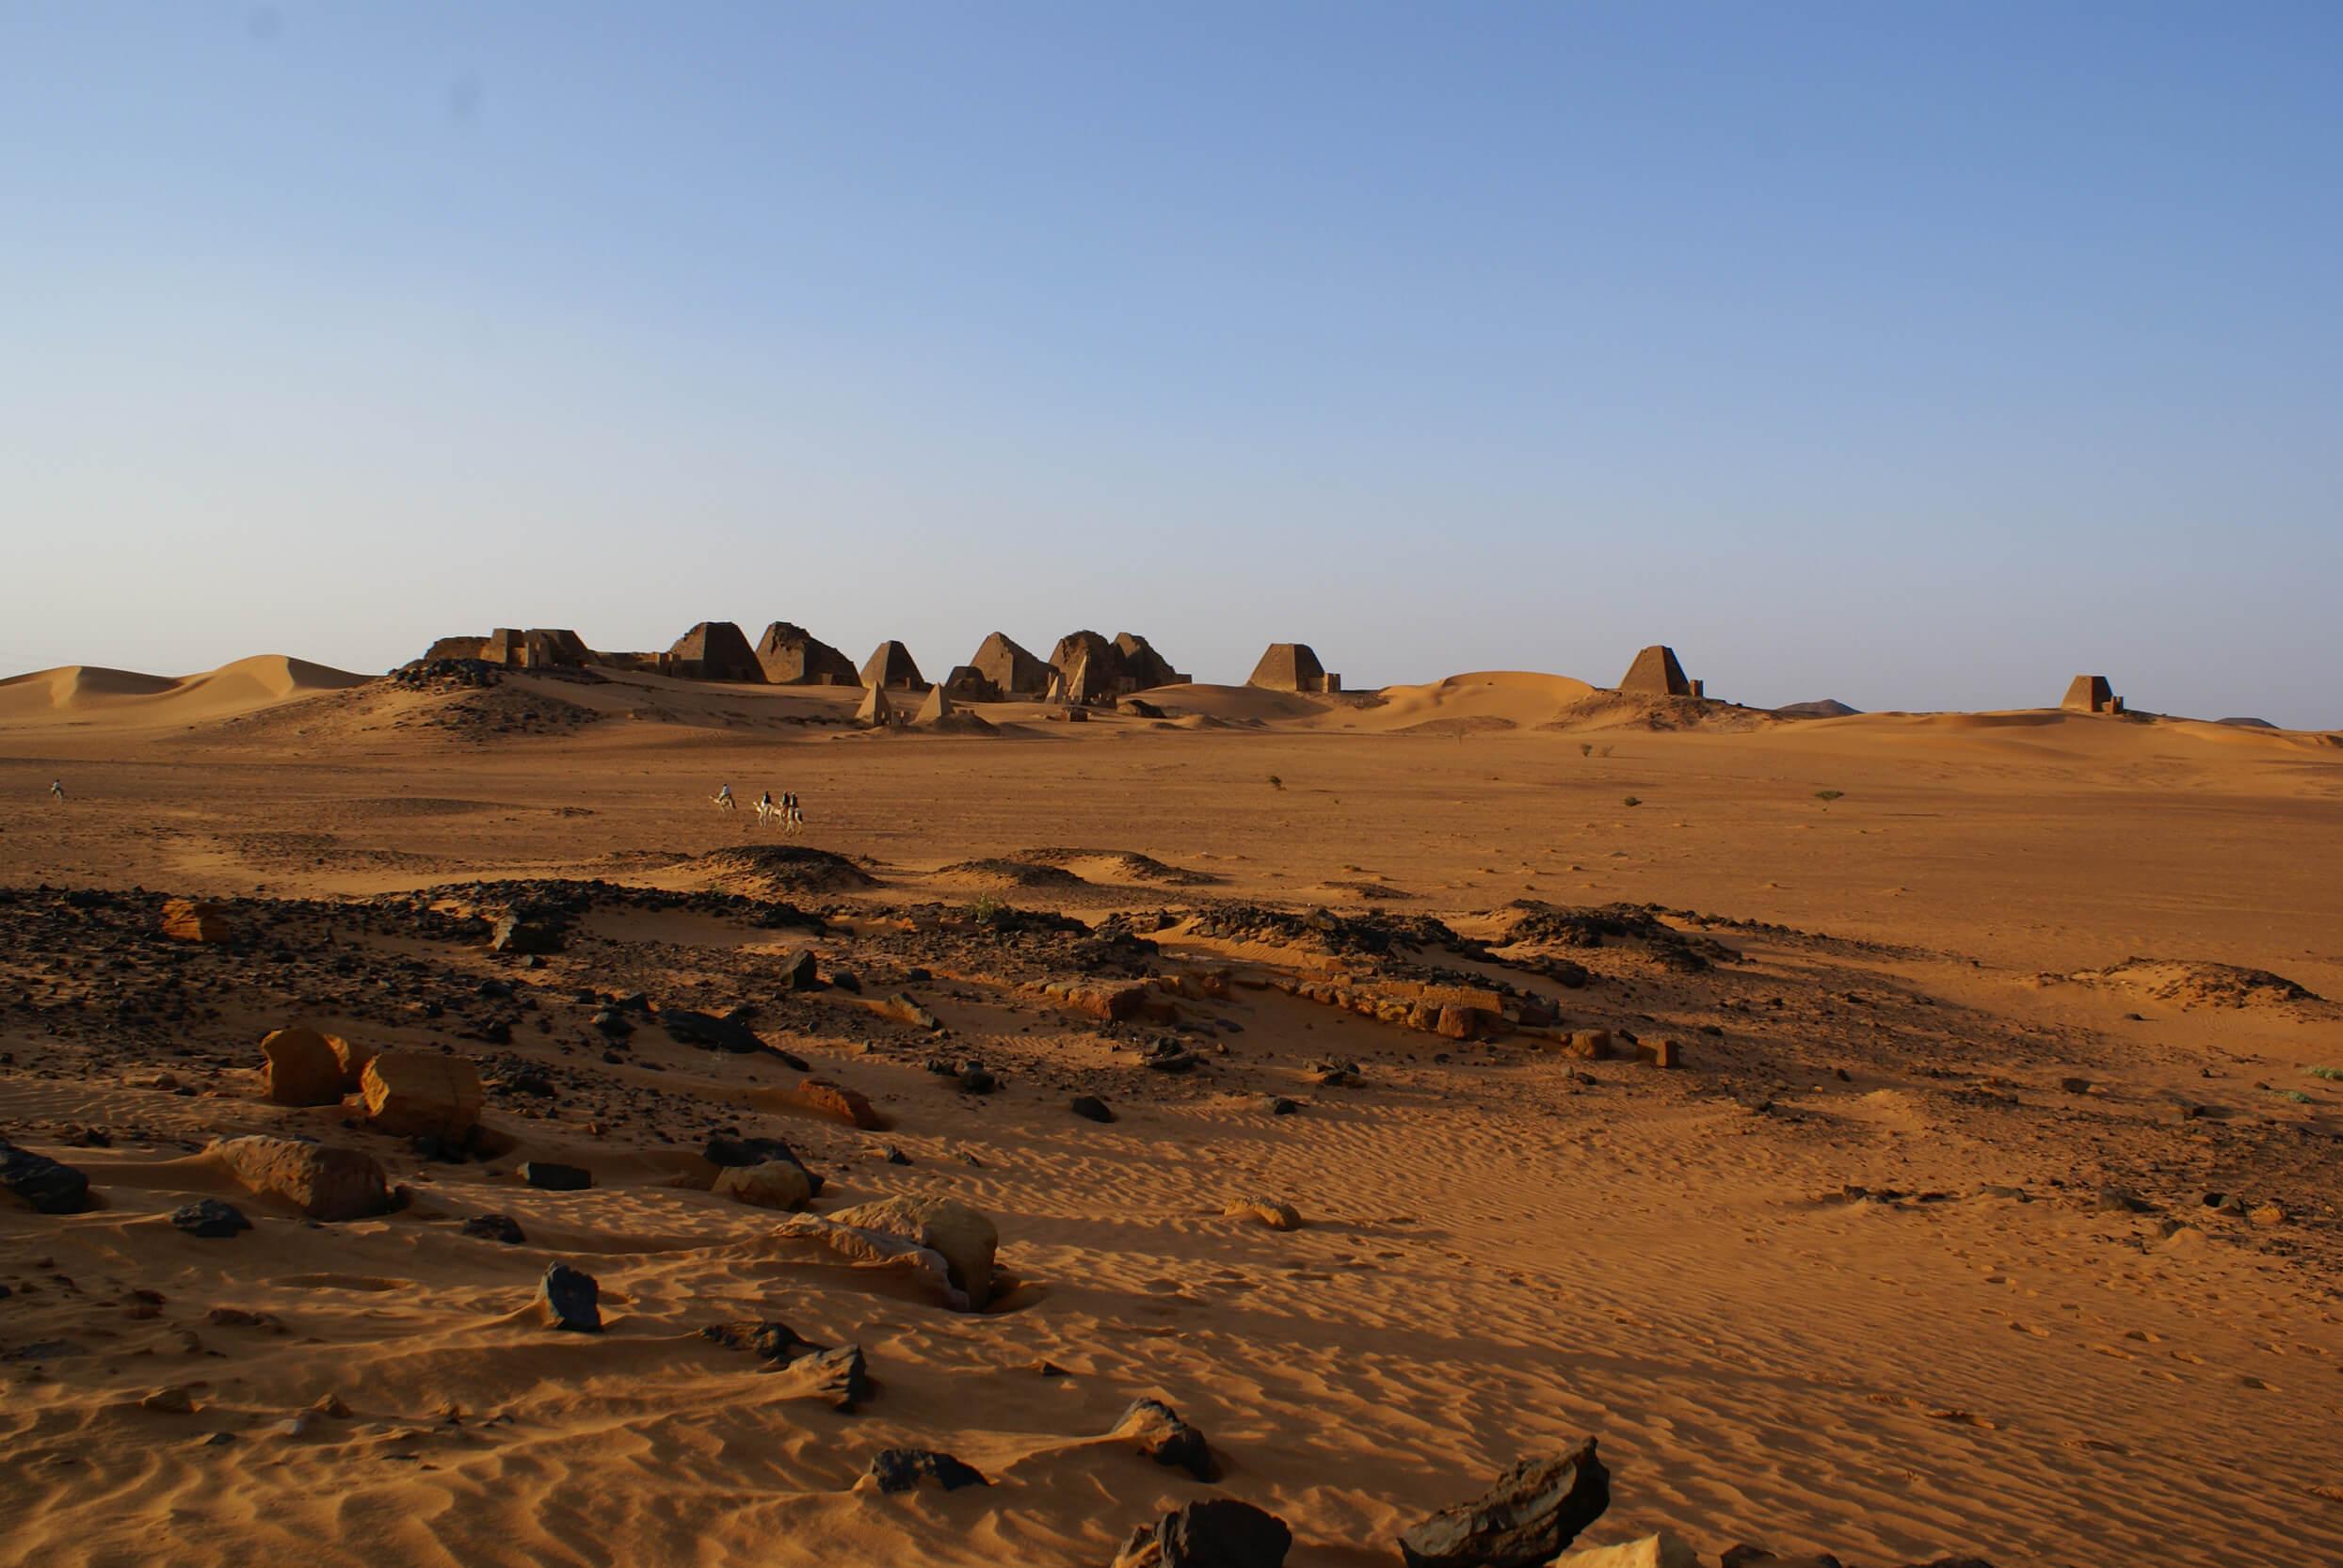 https://bubo.sk/uploads/galleries/7407/lubosfellner_sudan_pyramidy-a-tu-sme-spali-boli-sme-uplne-samy-1-.jpg